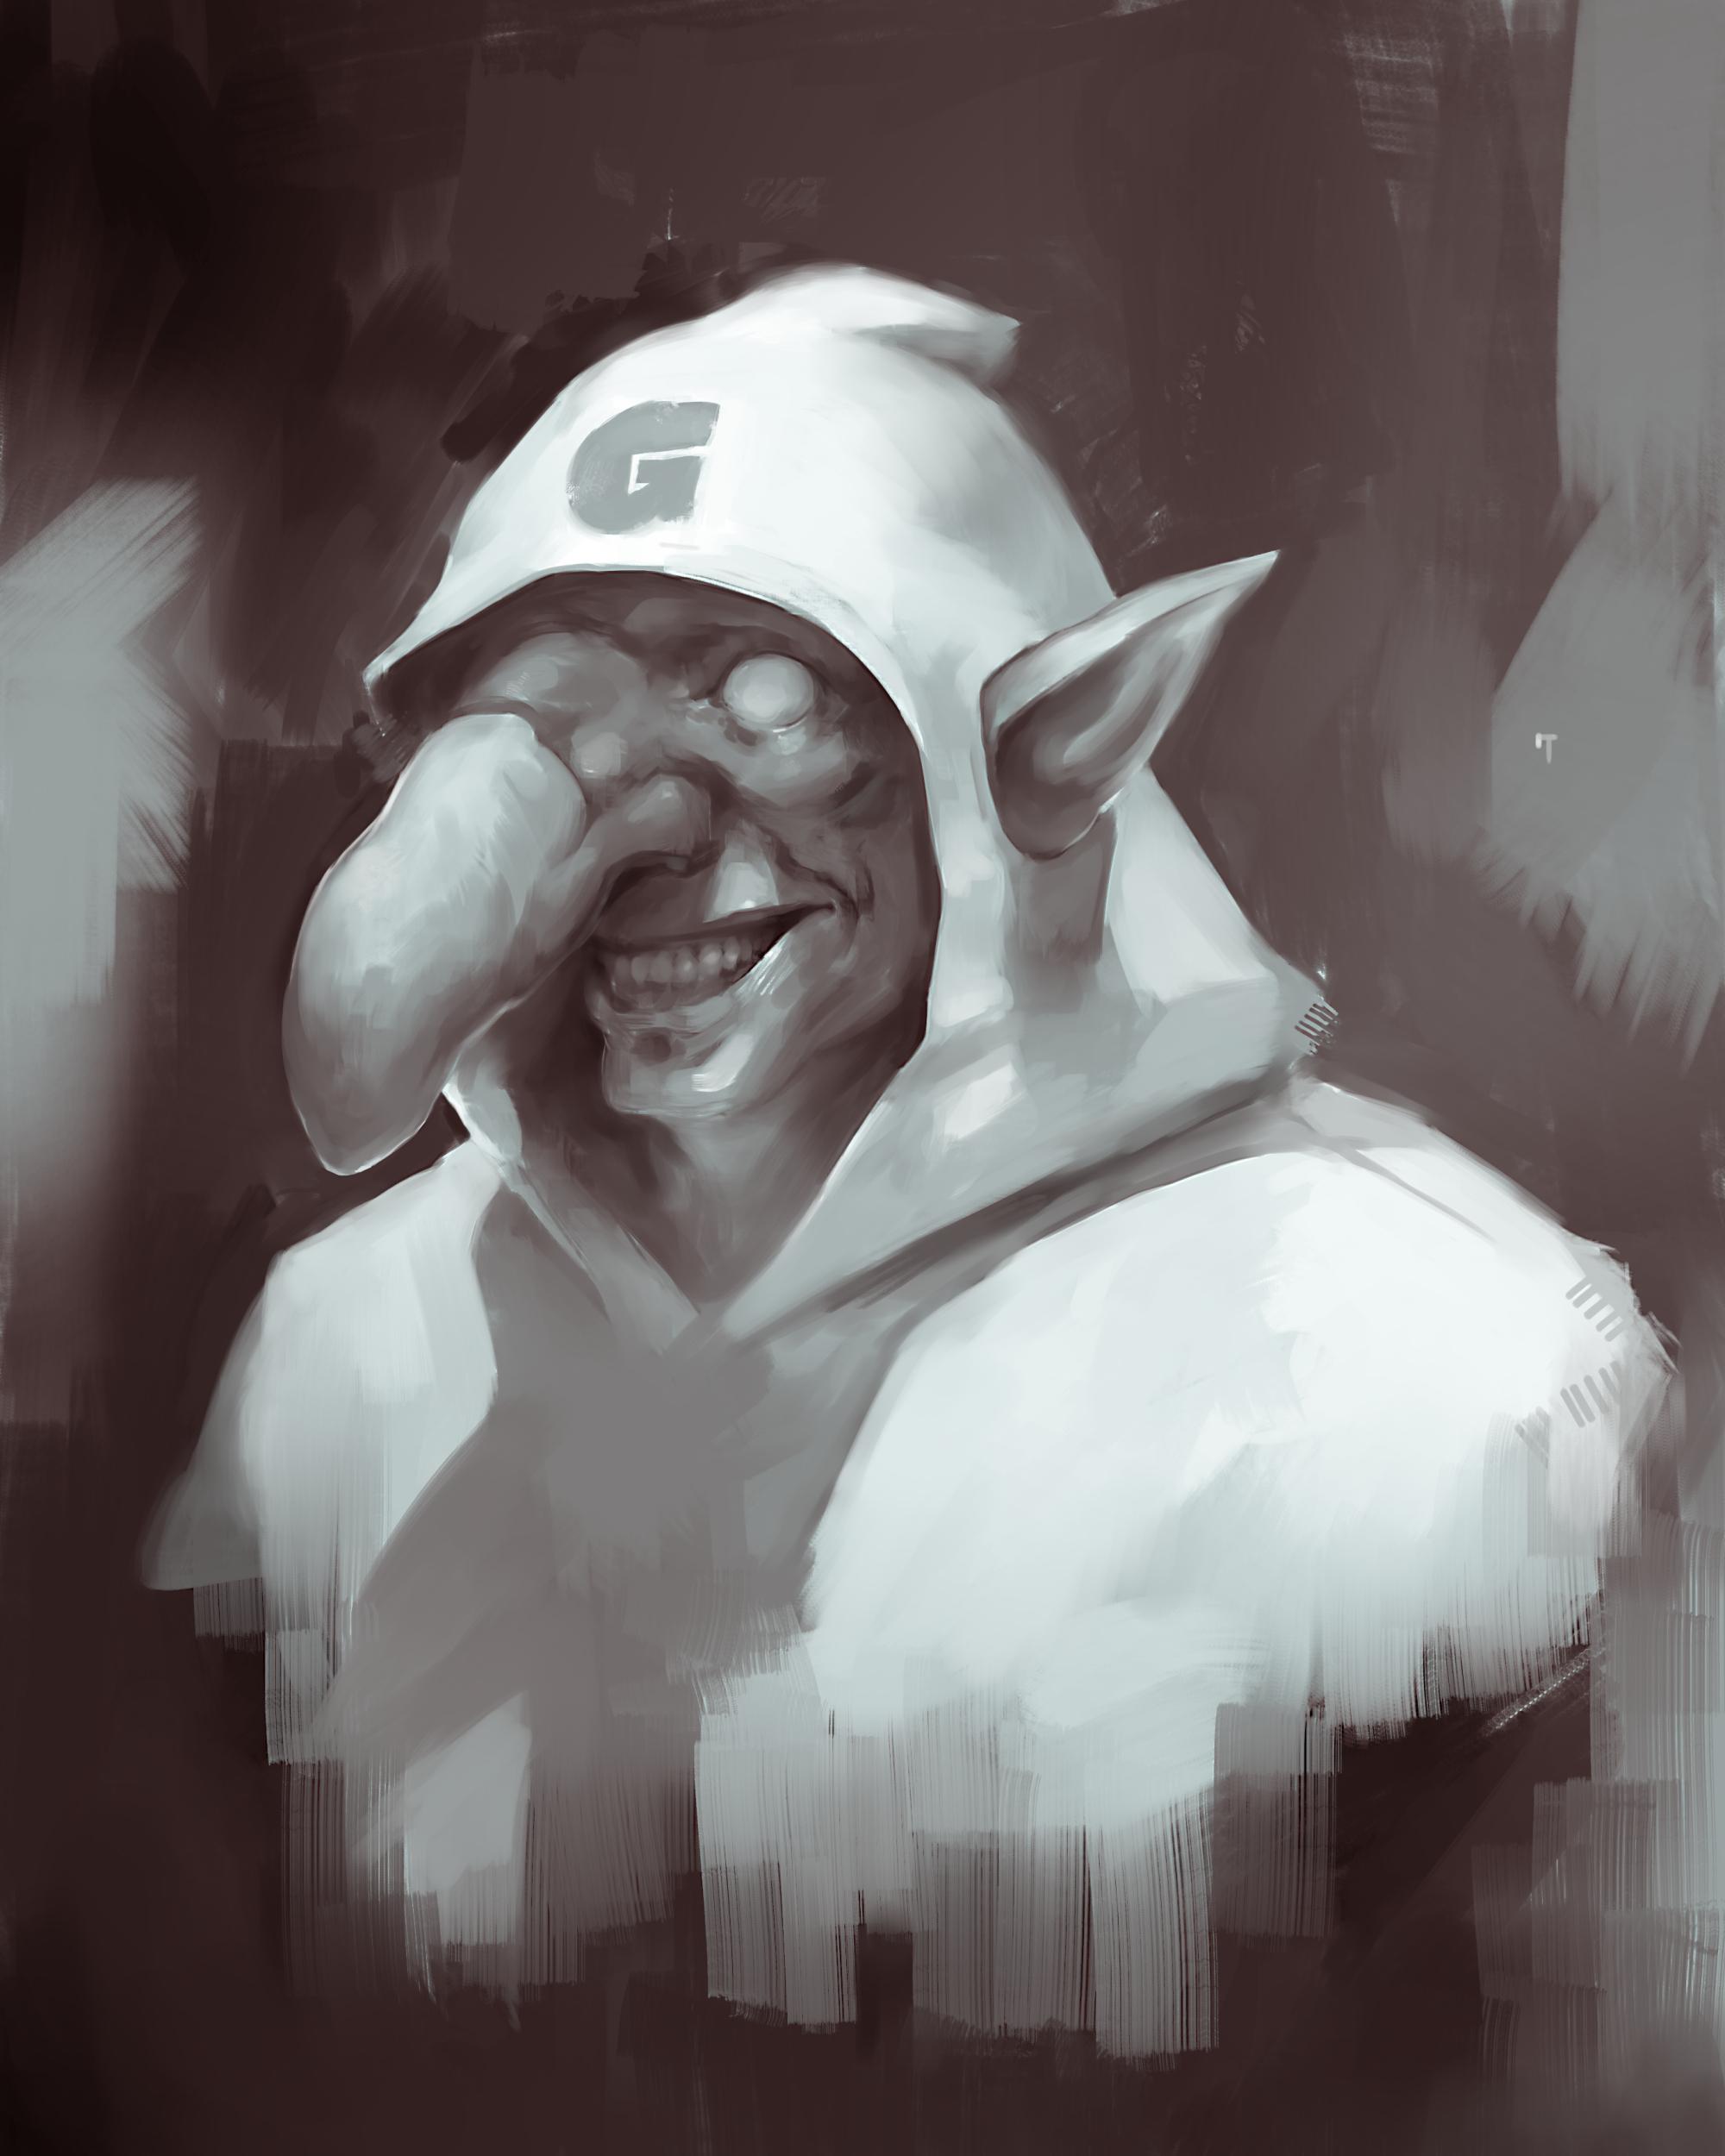 Goblin dude sketch